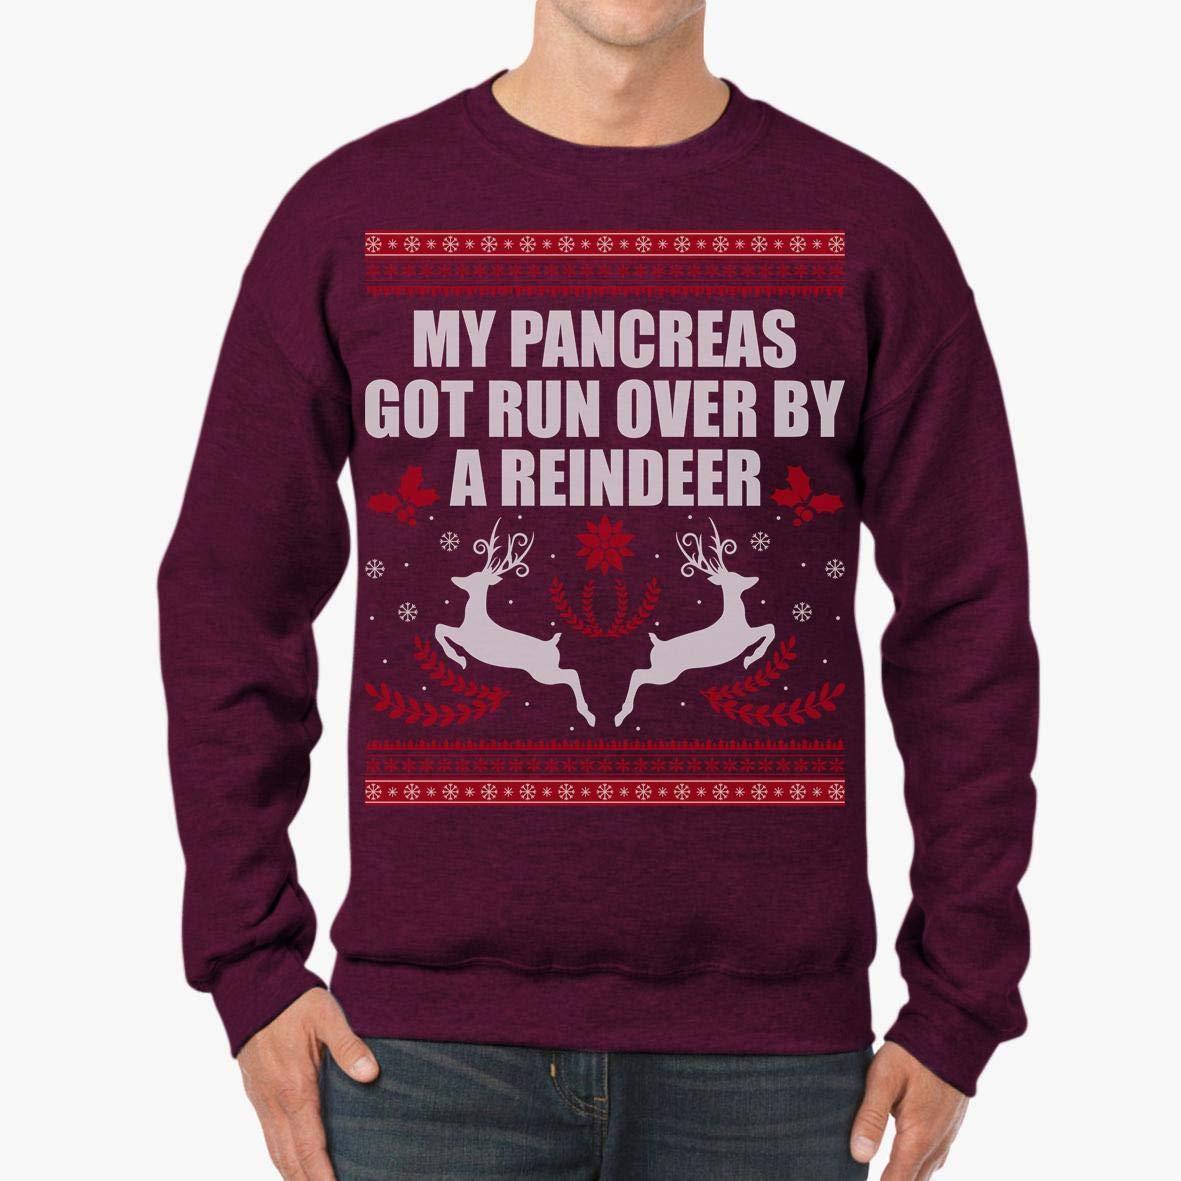 My Pancreas Got Run Over by Reindeer Diabetes Xmas Unisex Sweatshirt tee